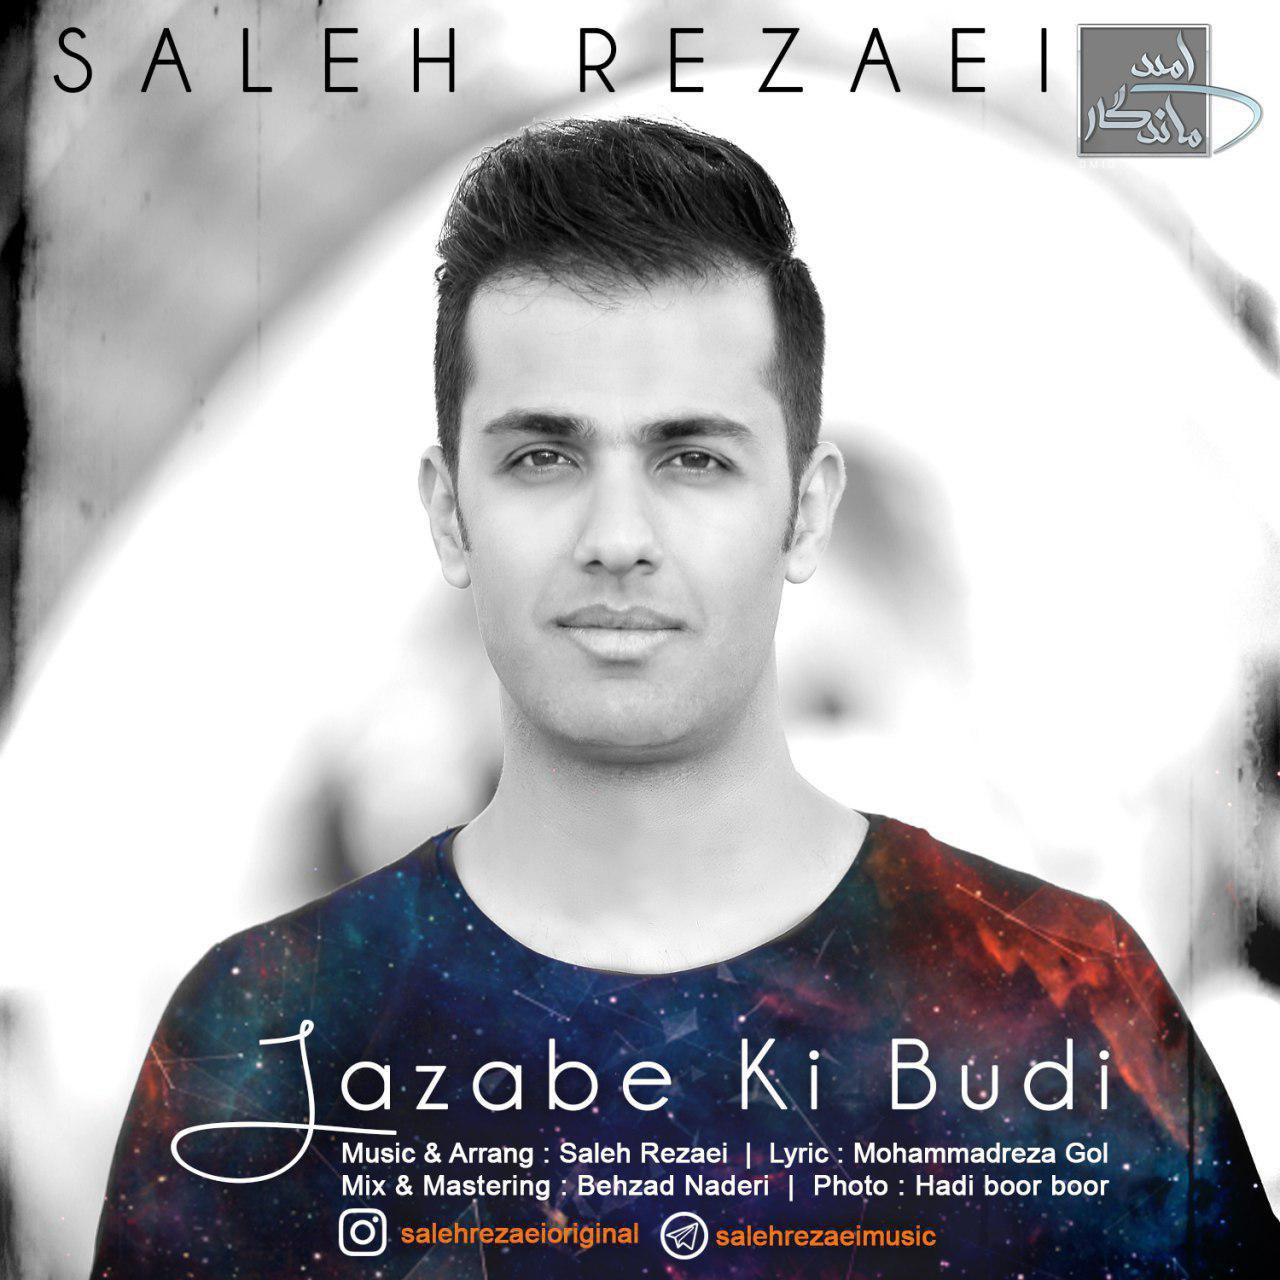 دانلود آهنگ جدید صالح رضایی به نام جذاب کی بودی